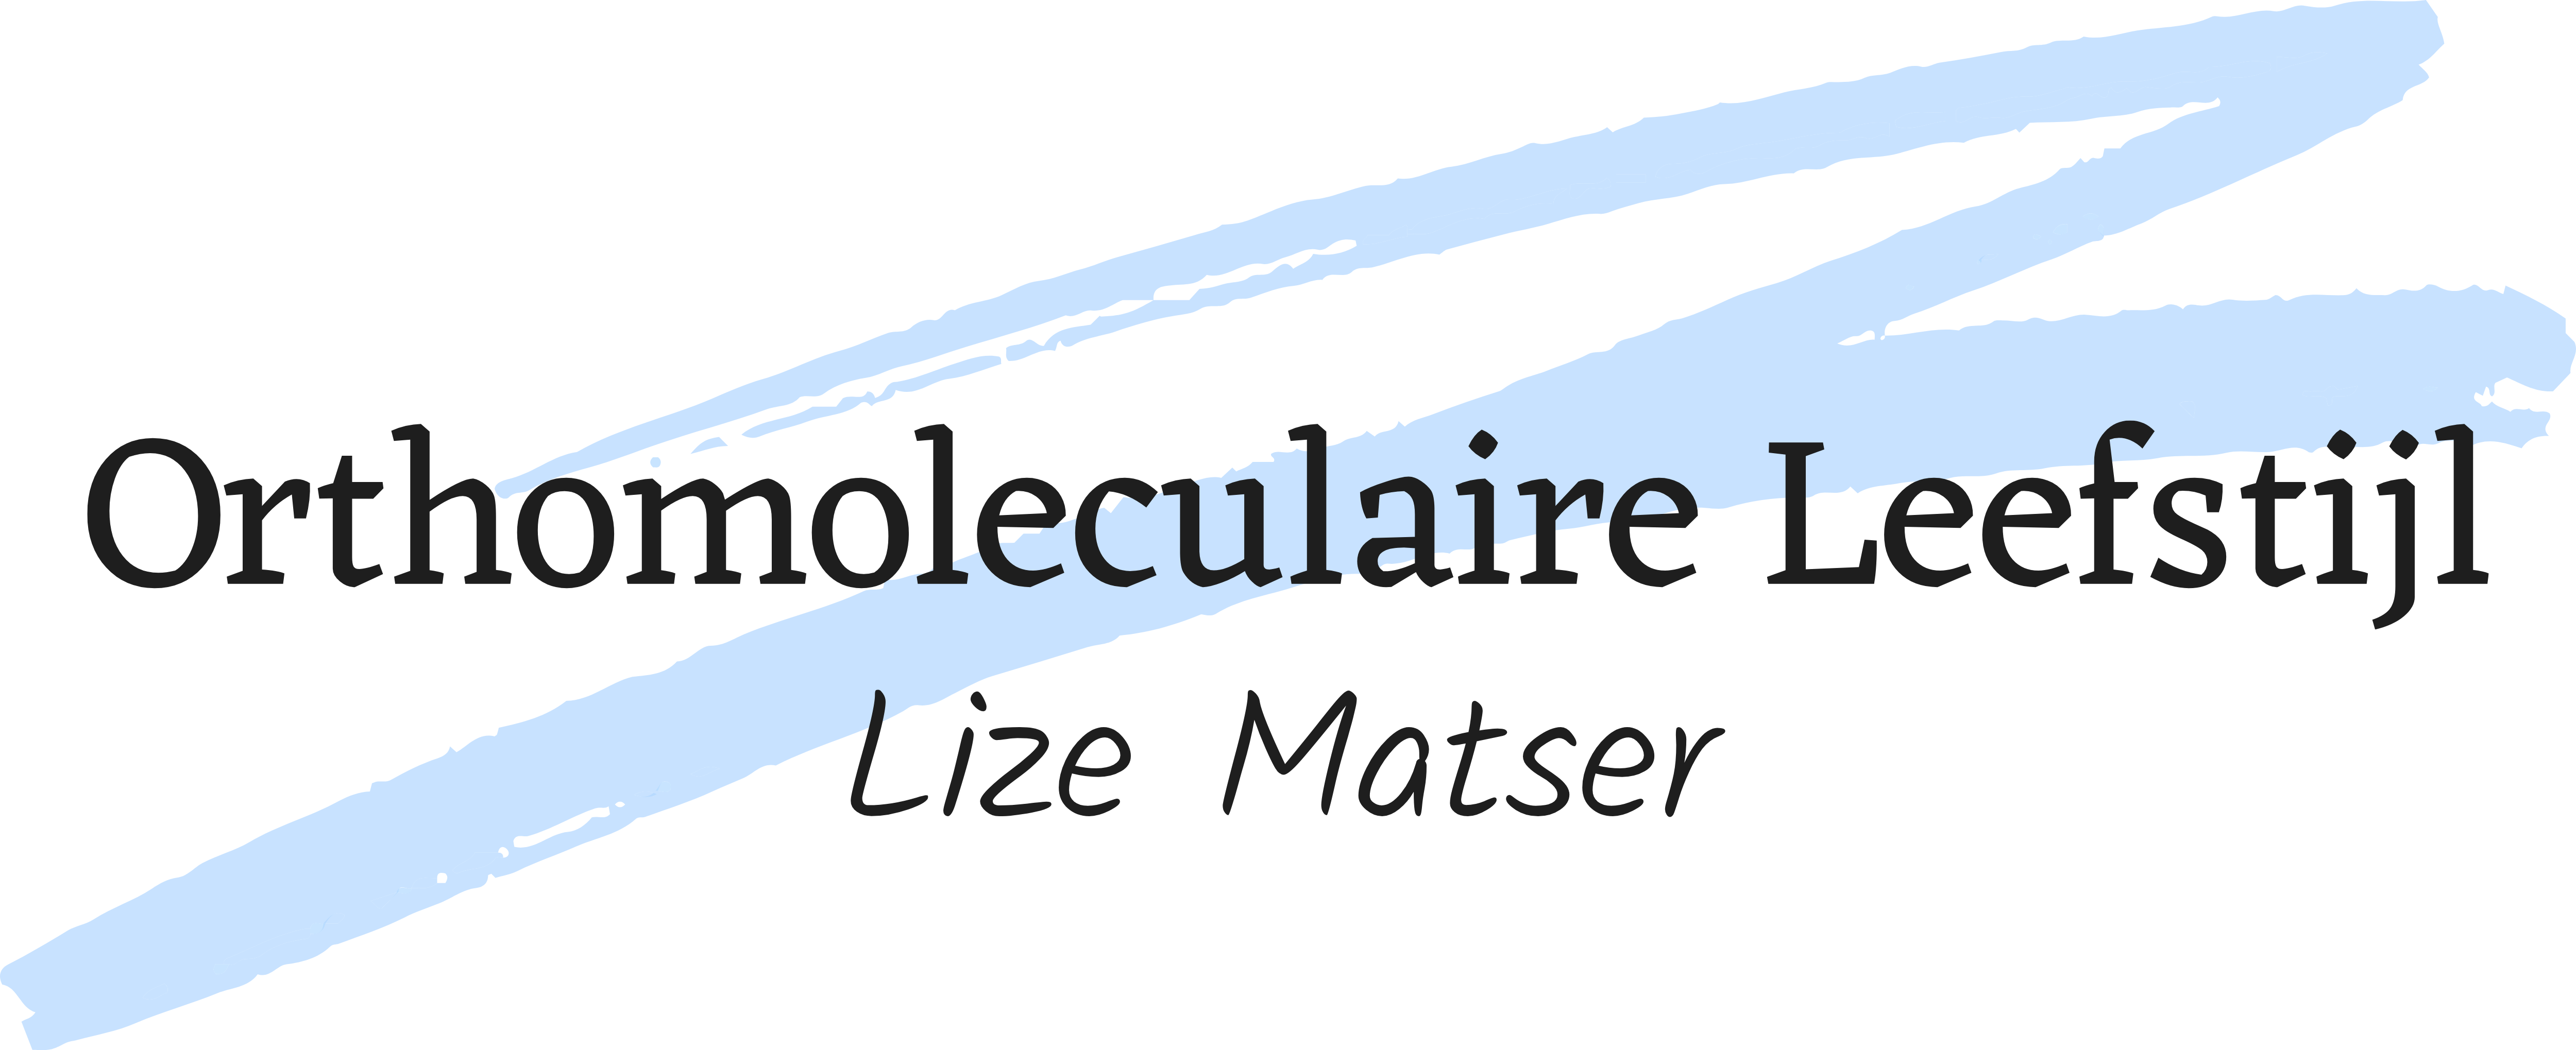 Orthomoleculaire Leefstijl door Lize Matser